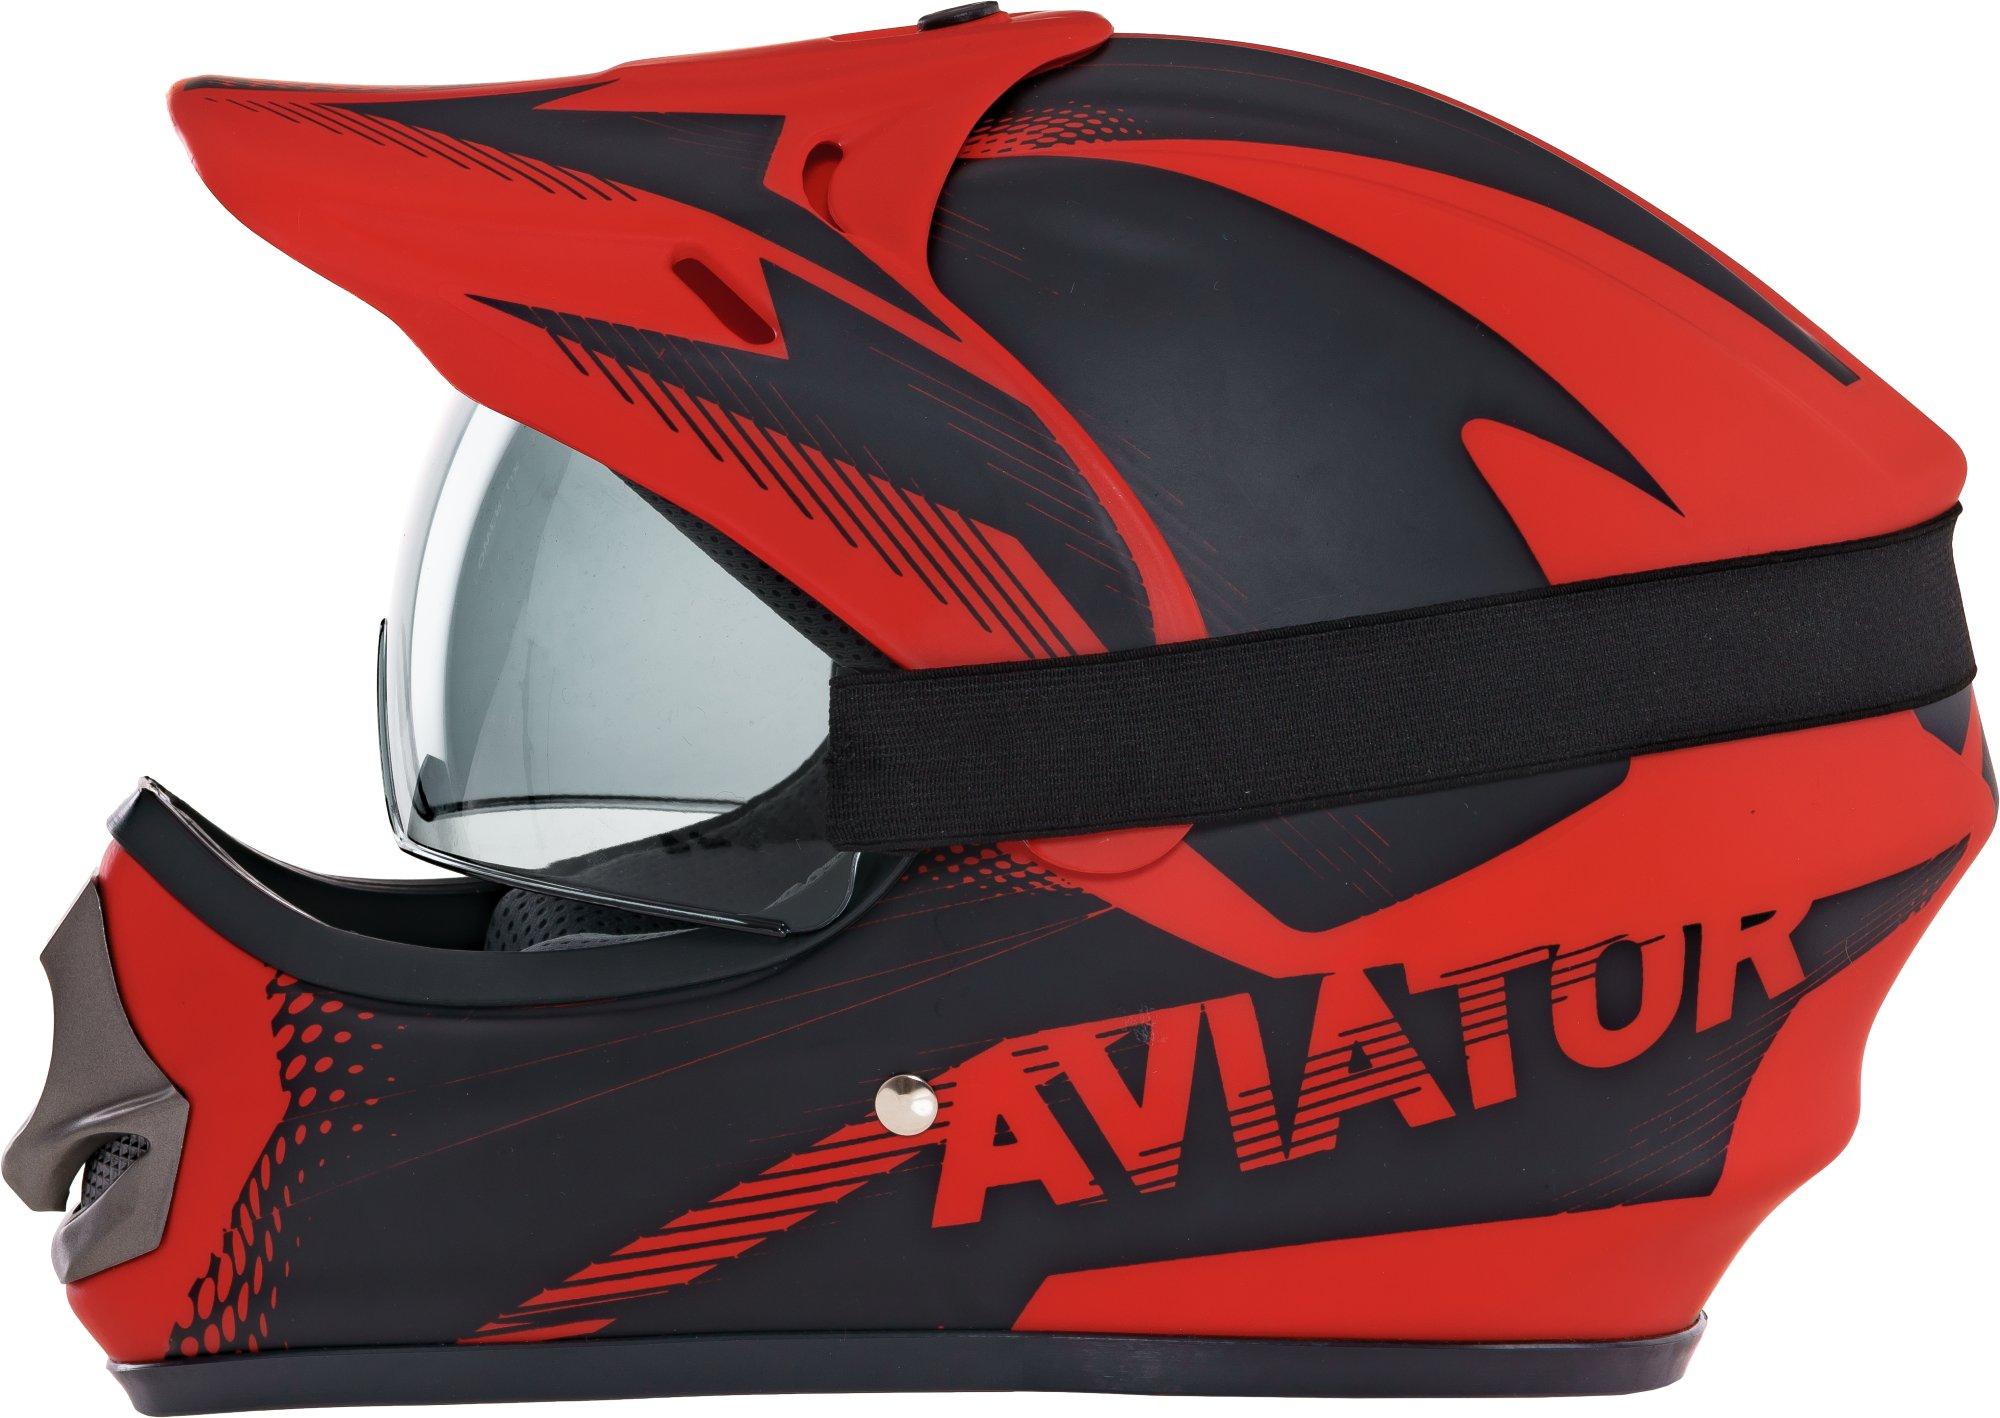 Kask Motocyklowy Dziecięcy Enduro Quada Z Goglami Czerwony +